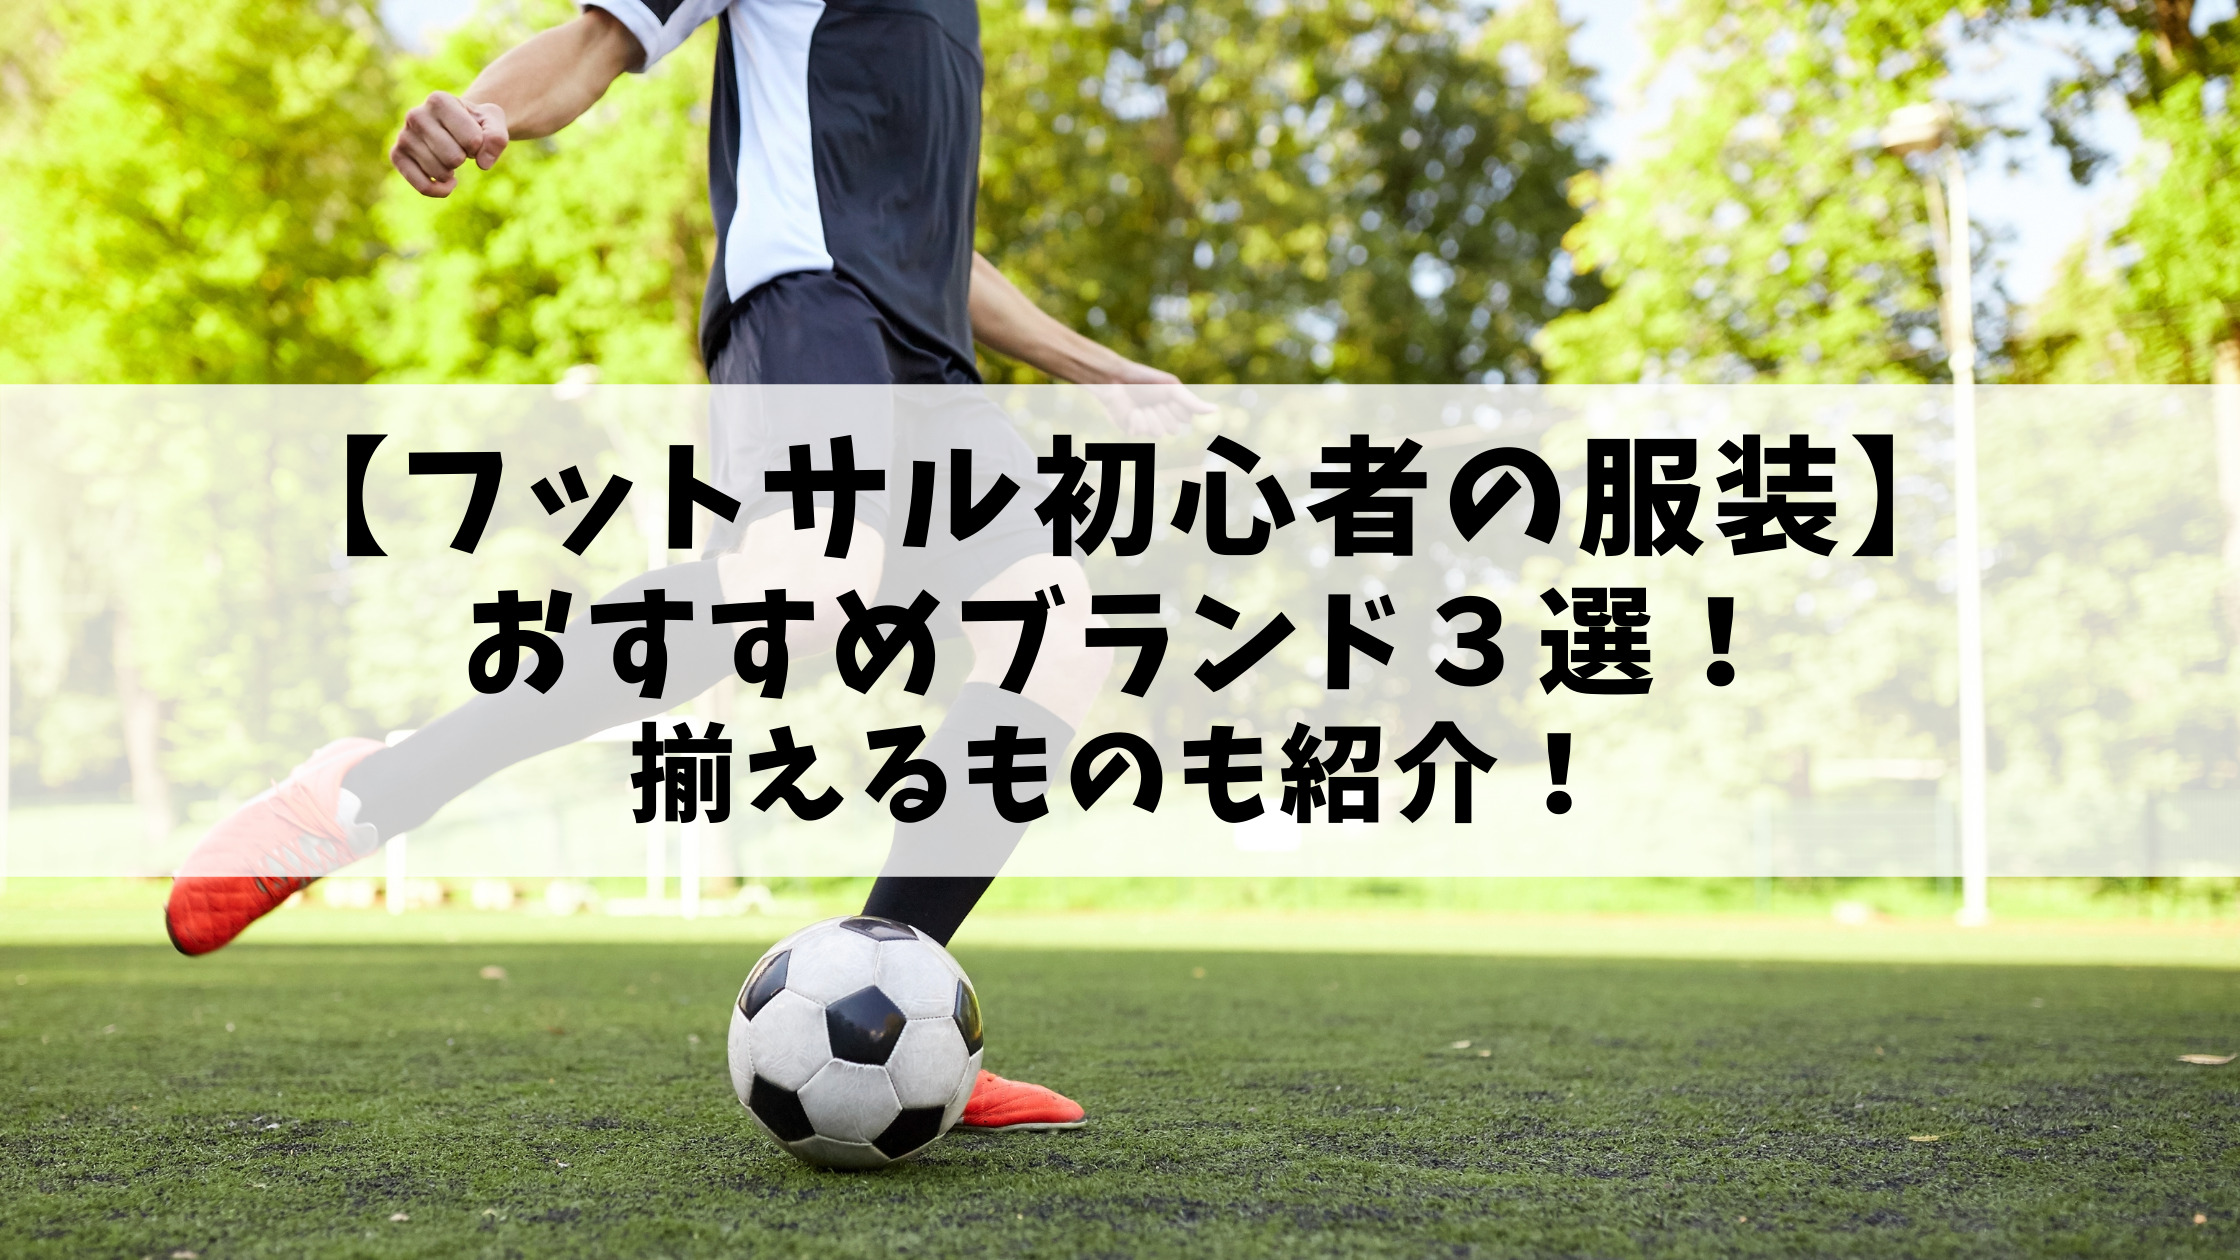 【フットサル初心者の服装】おすすめブランド3選!揃えるものも紹介!